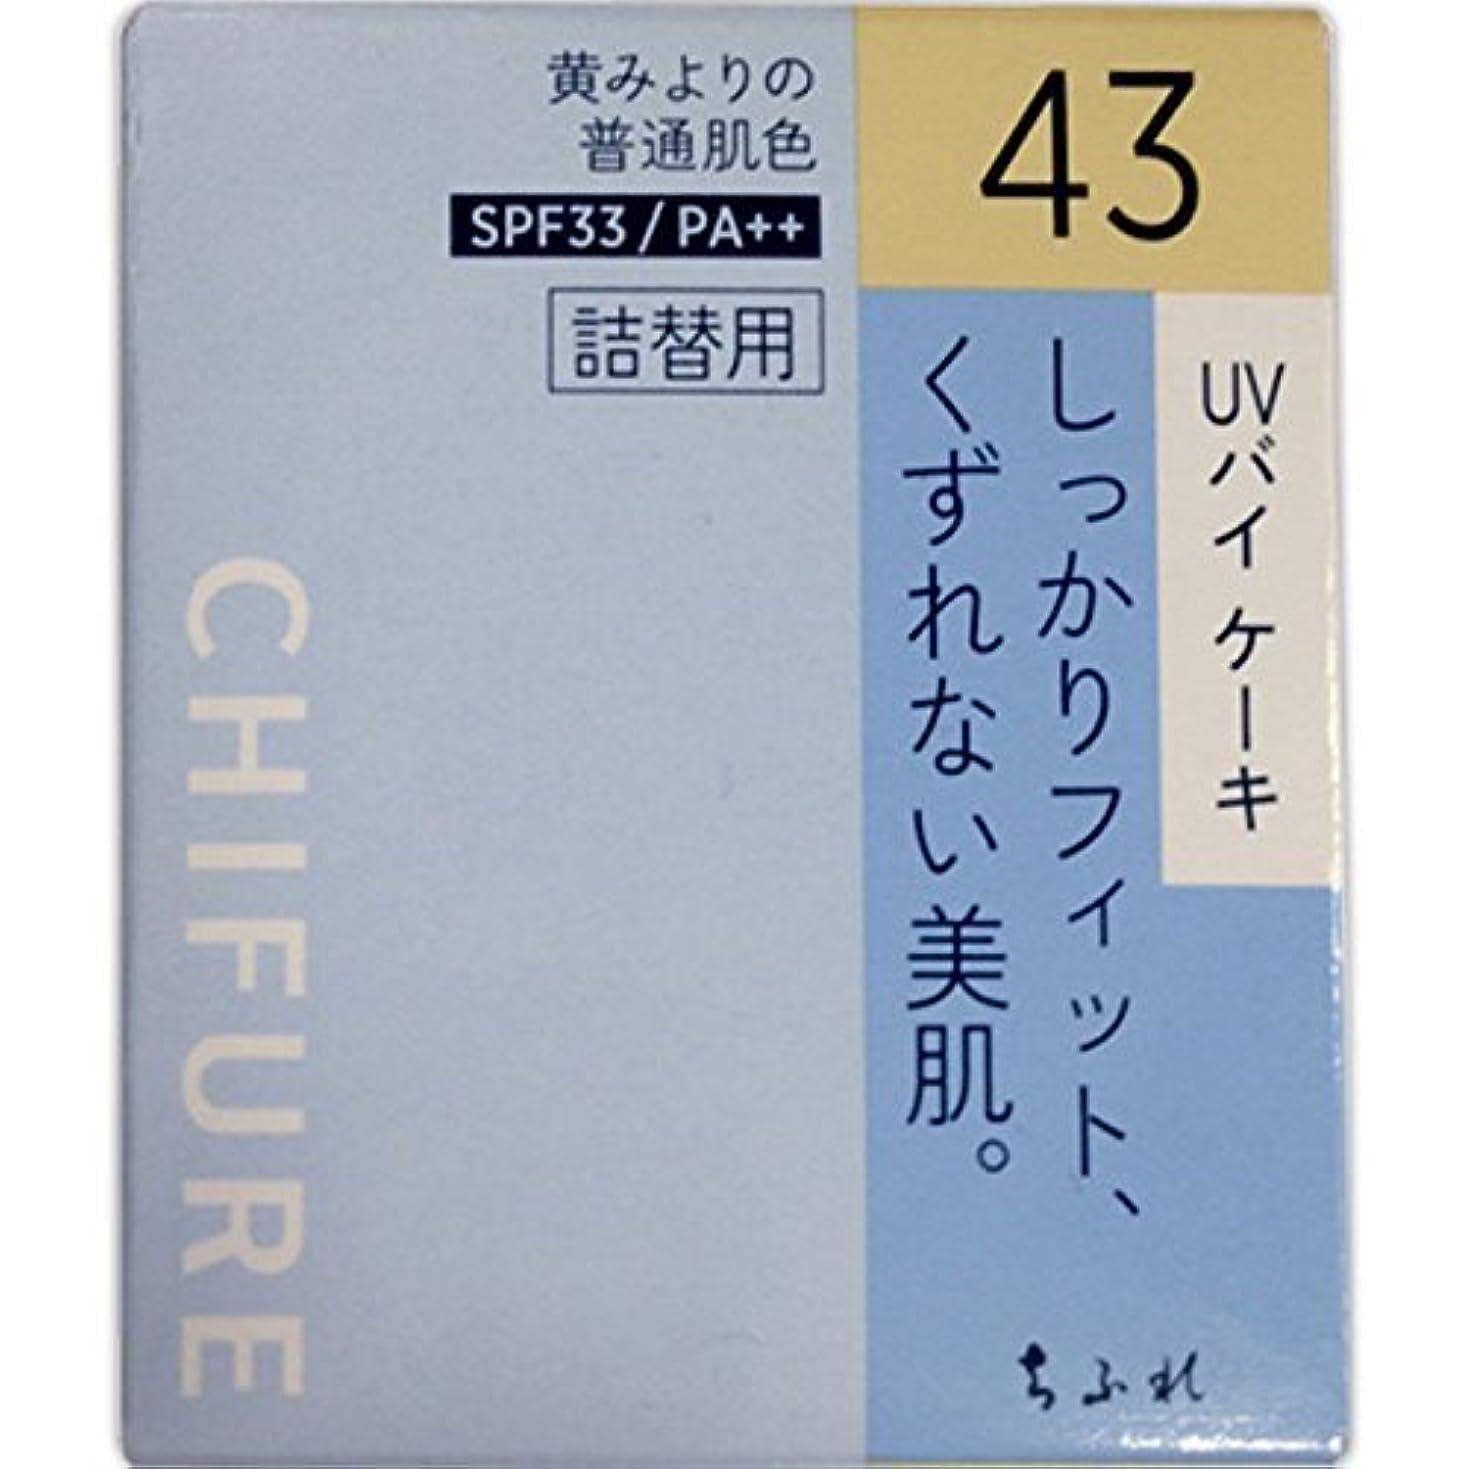 浜辺見る人サバントちふれ化粧品 UV バイ ケーキ 詰替用 43 黄みよりの普通肌色 43